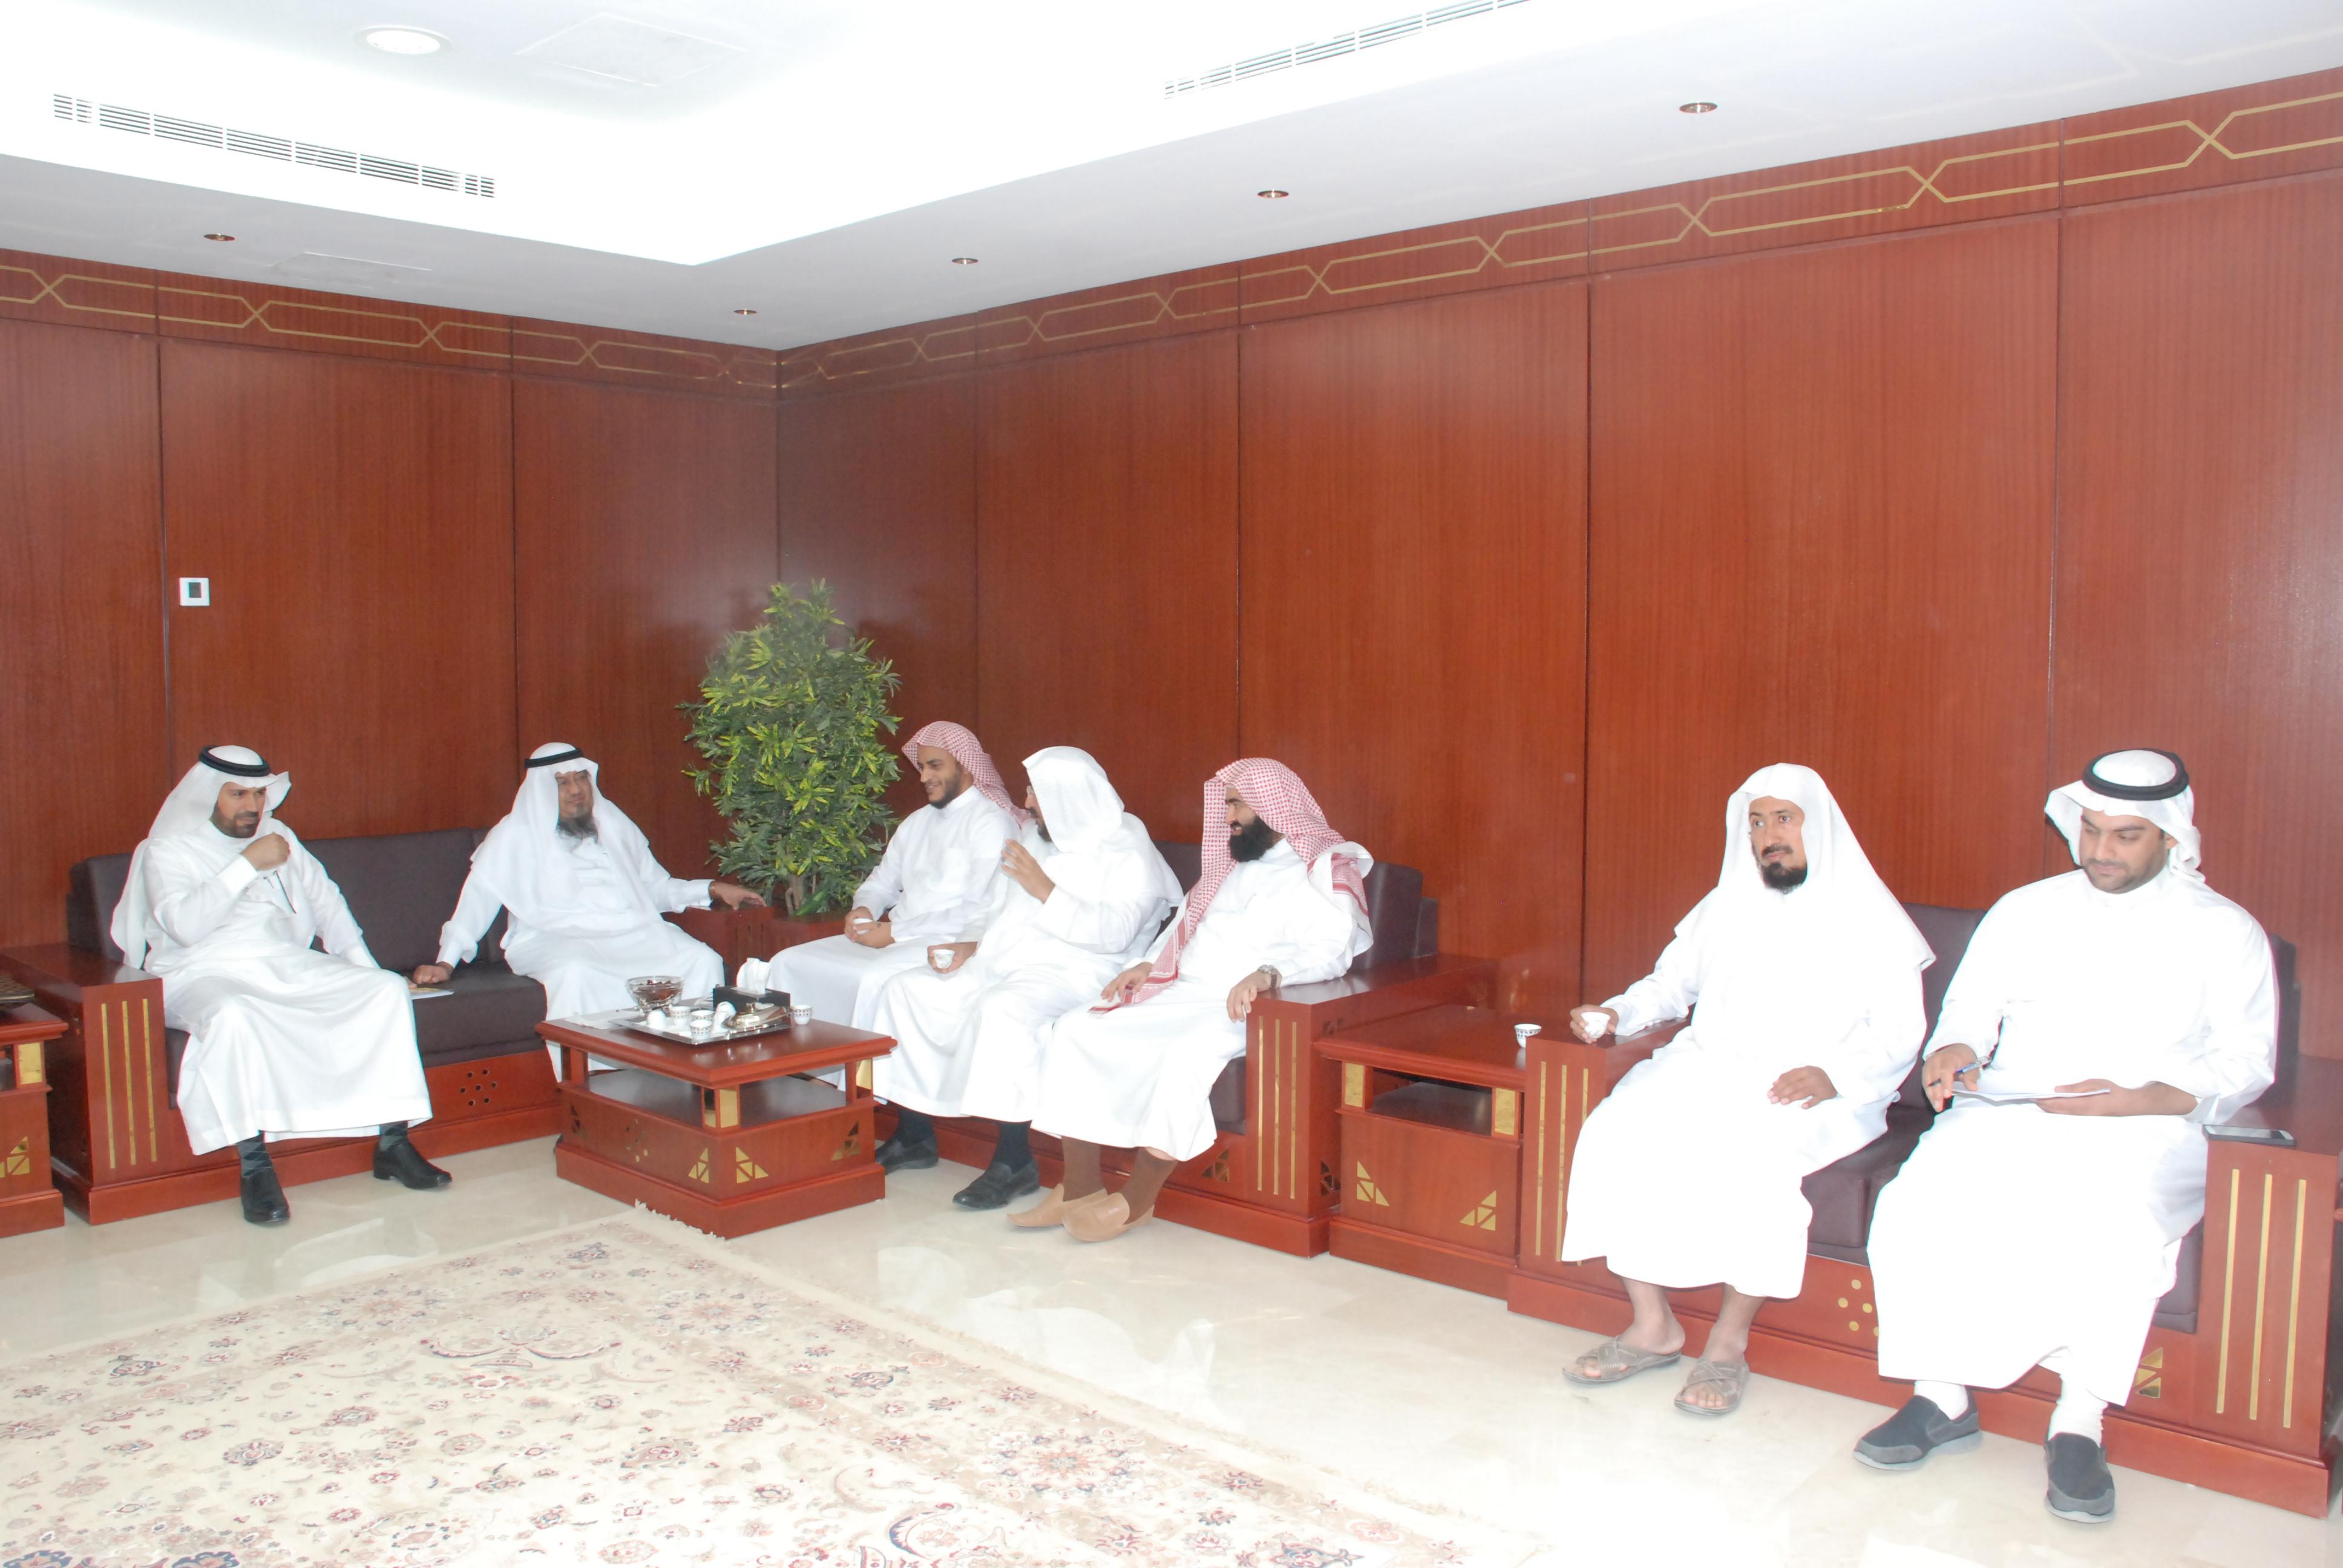 وكيل جامعةالامام للتخطيط والتطوير يستوثق الاعتماد البرامجي بـكلية الشريعة (2)